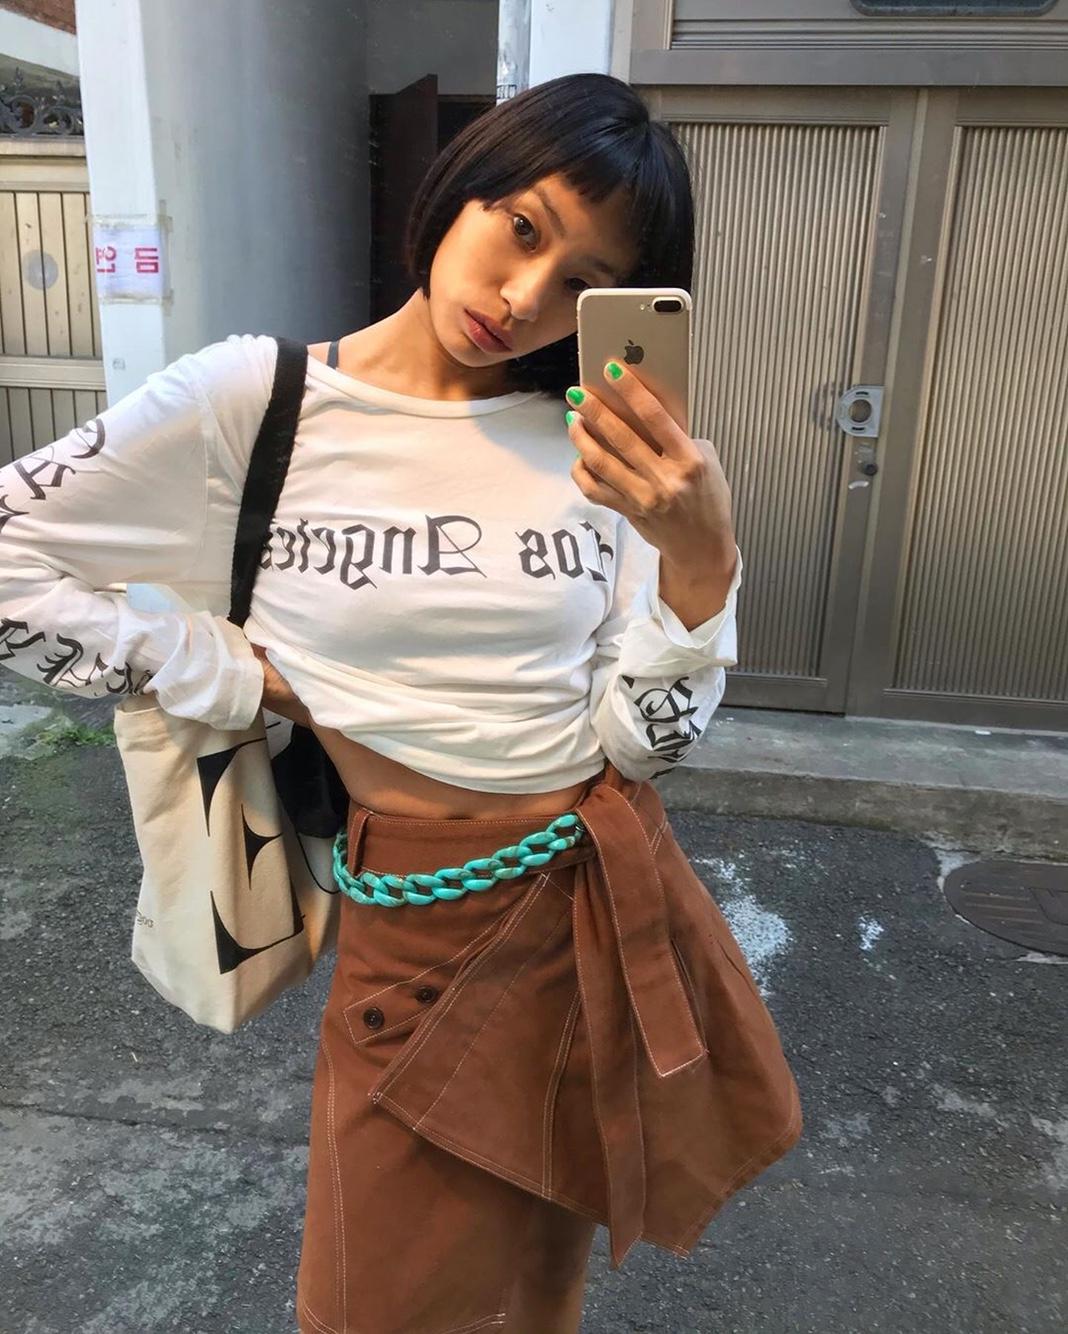 韓国DJ/モデル キム•アナさん